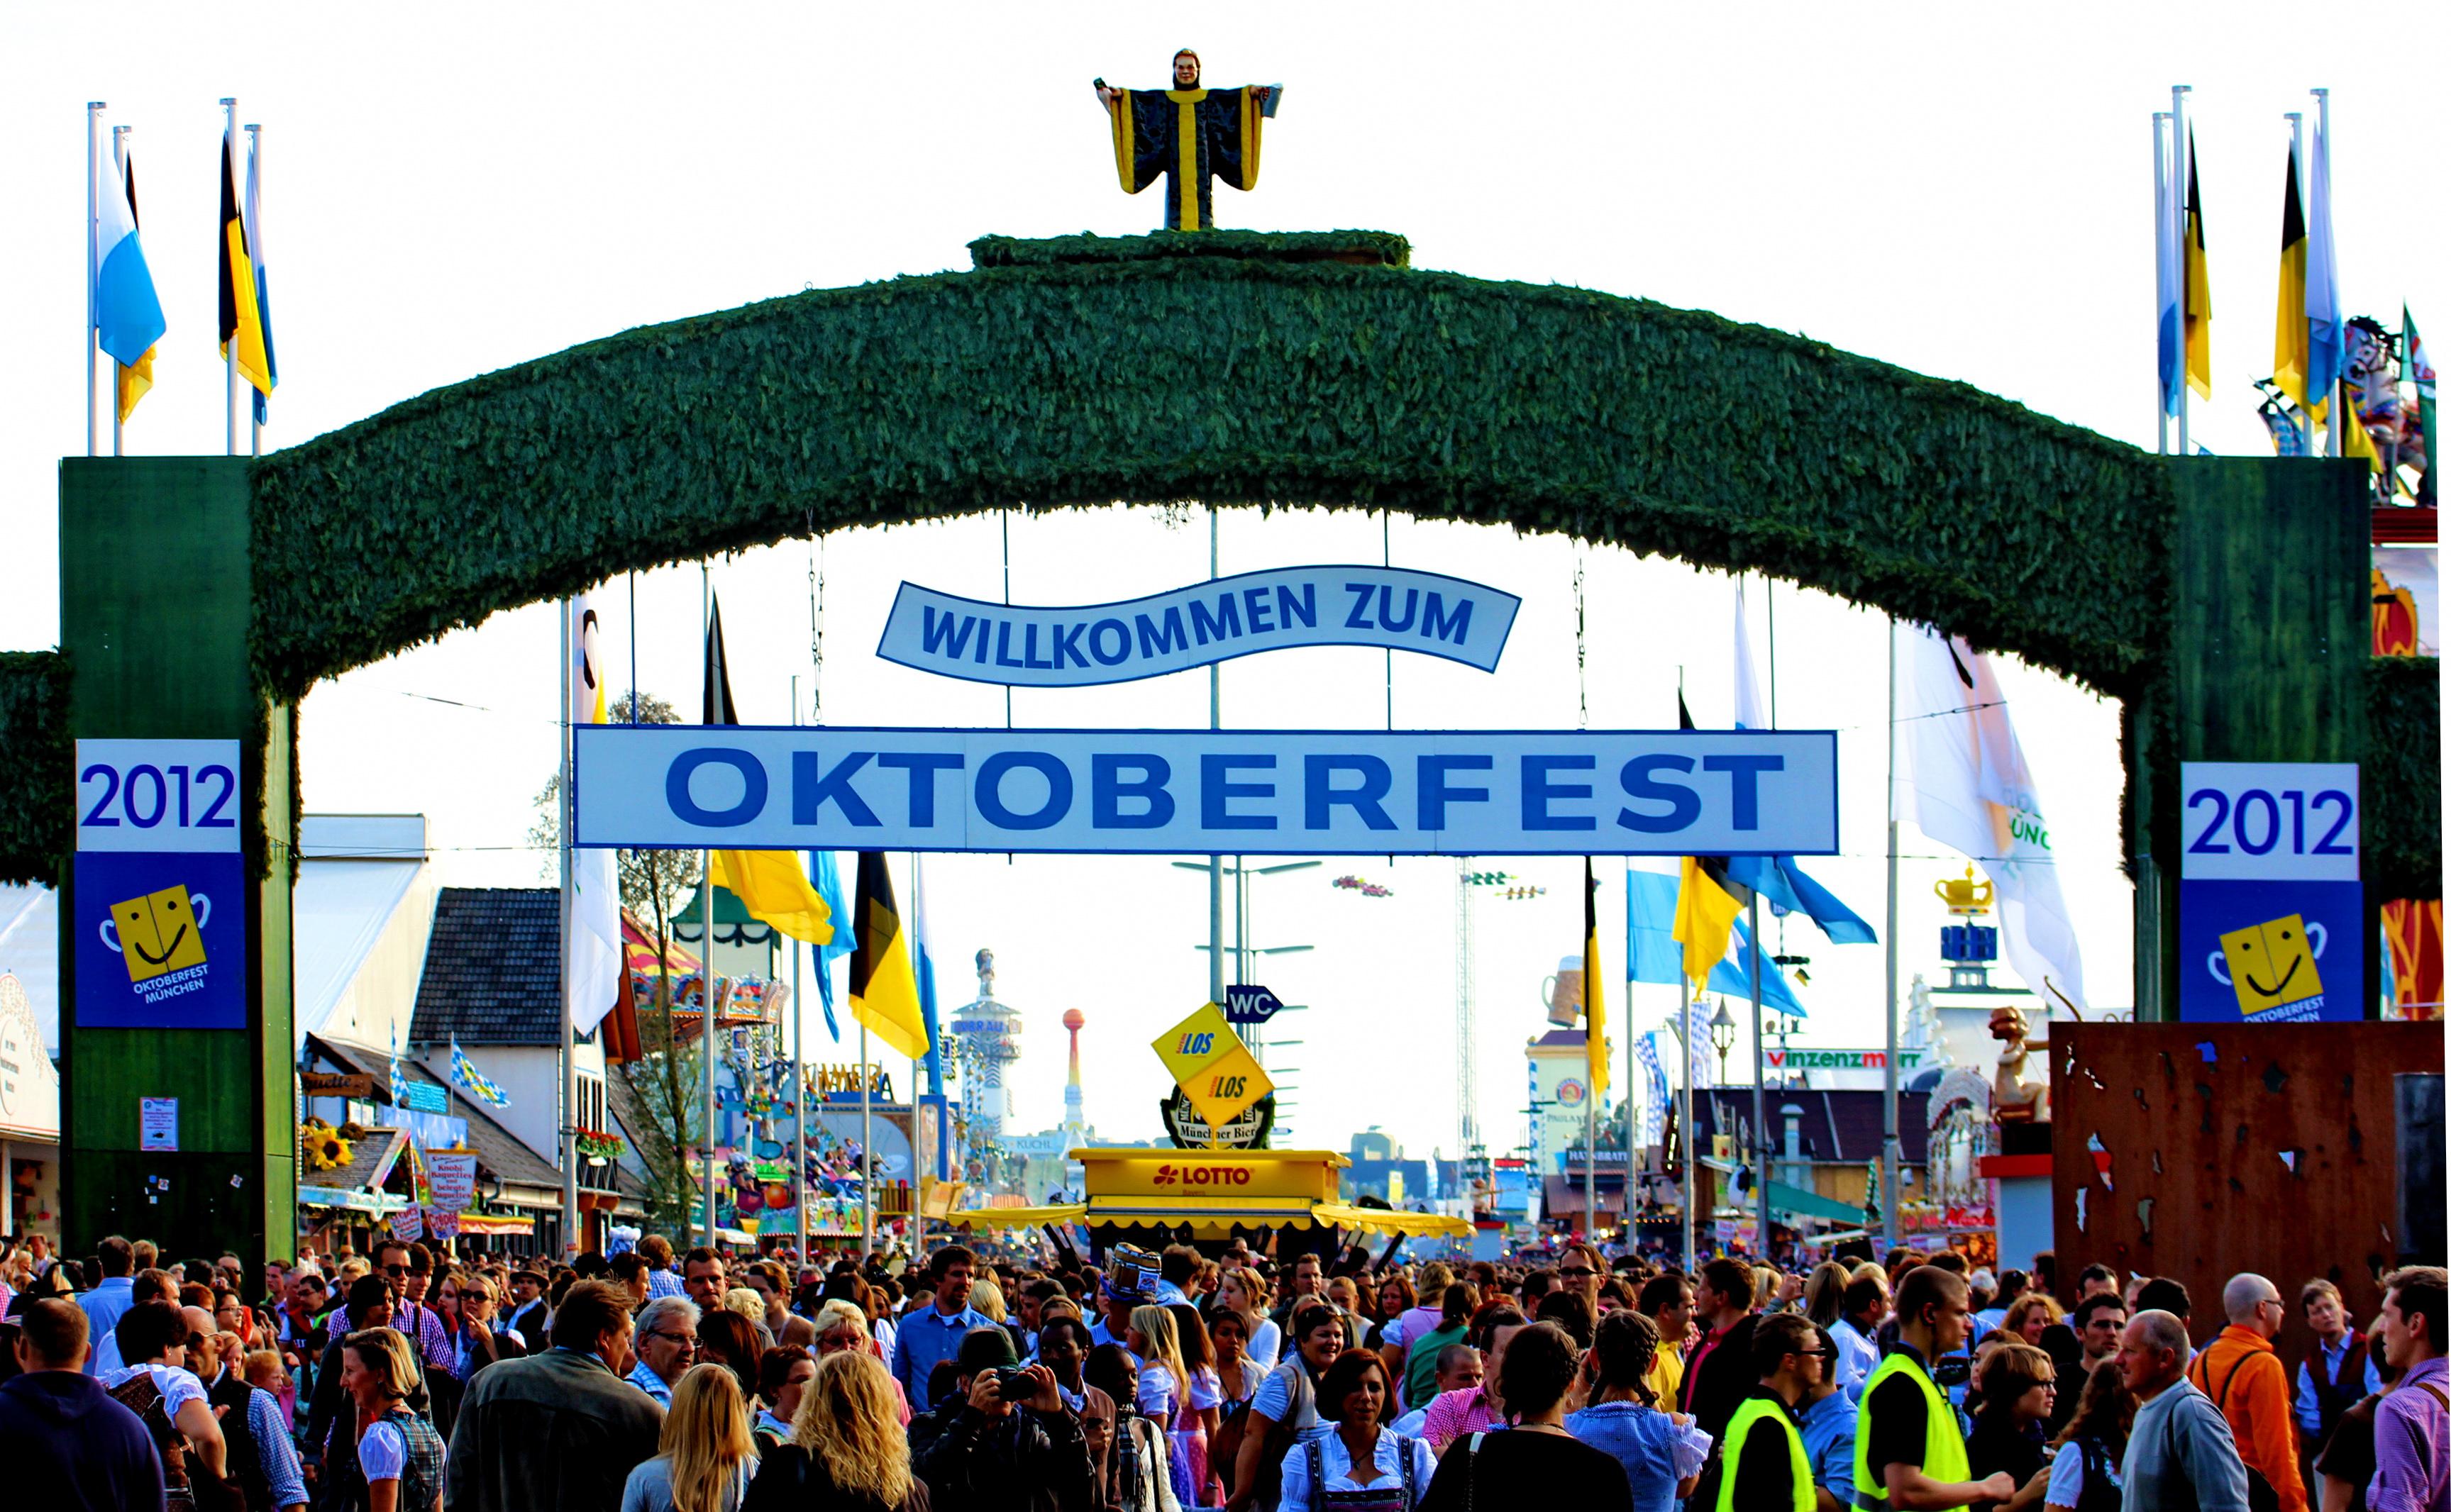 HQ Oktoberfest Wallpapers   File 2074.79Kb